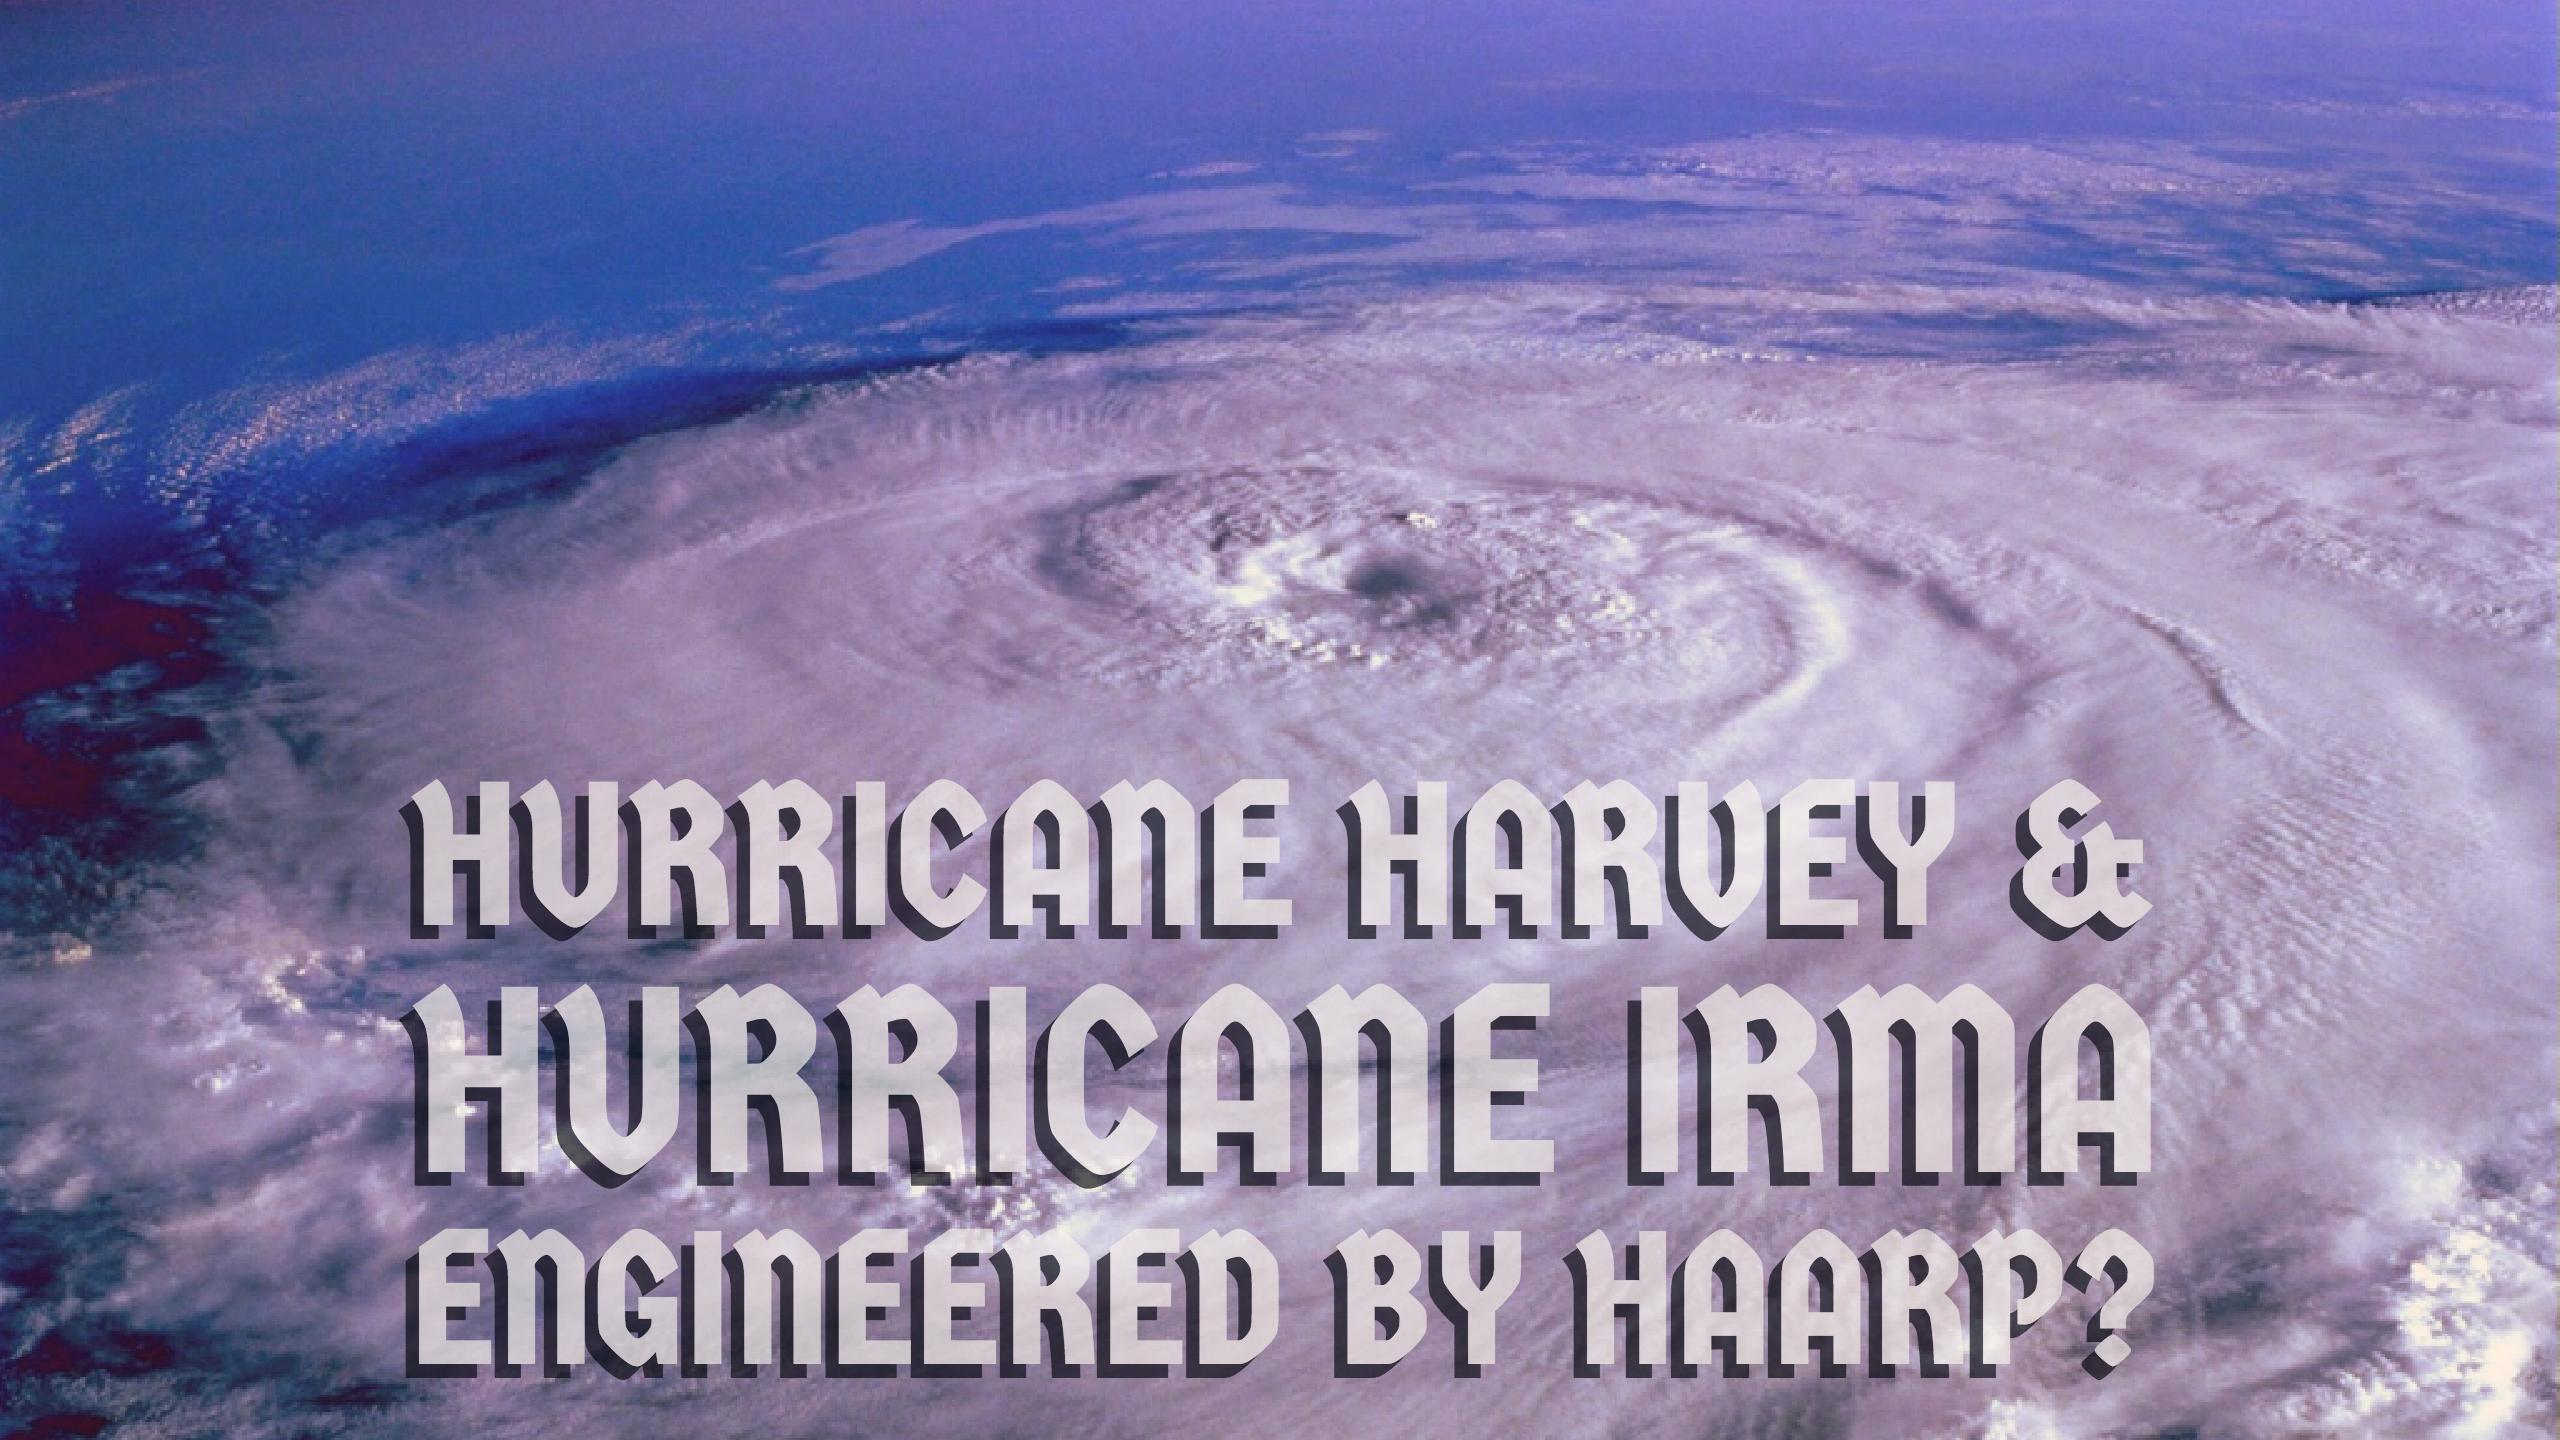 Are Hurricane Harvey Amp Hurricane Irma Engineered By Haarp